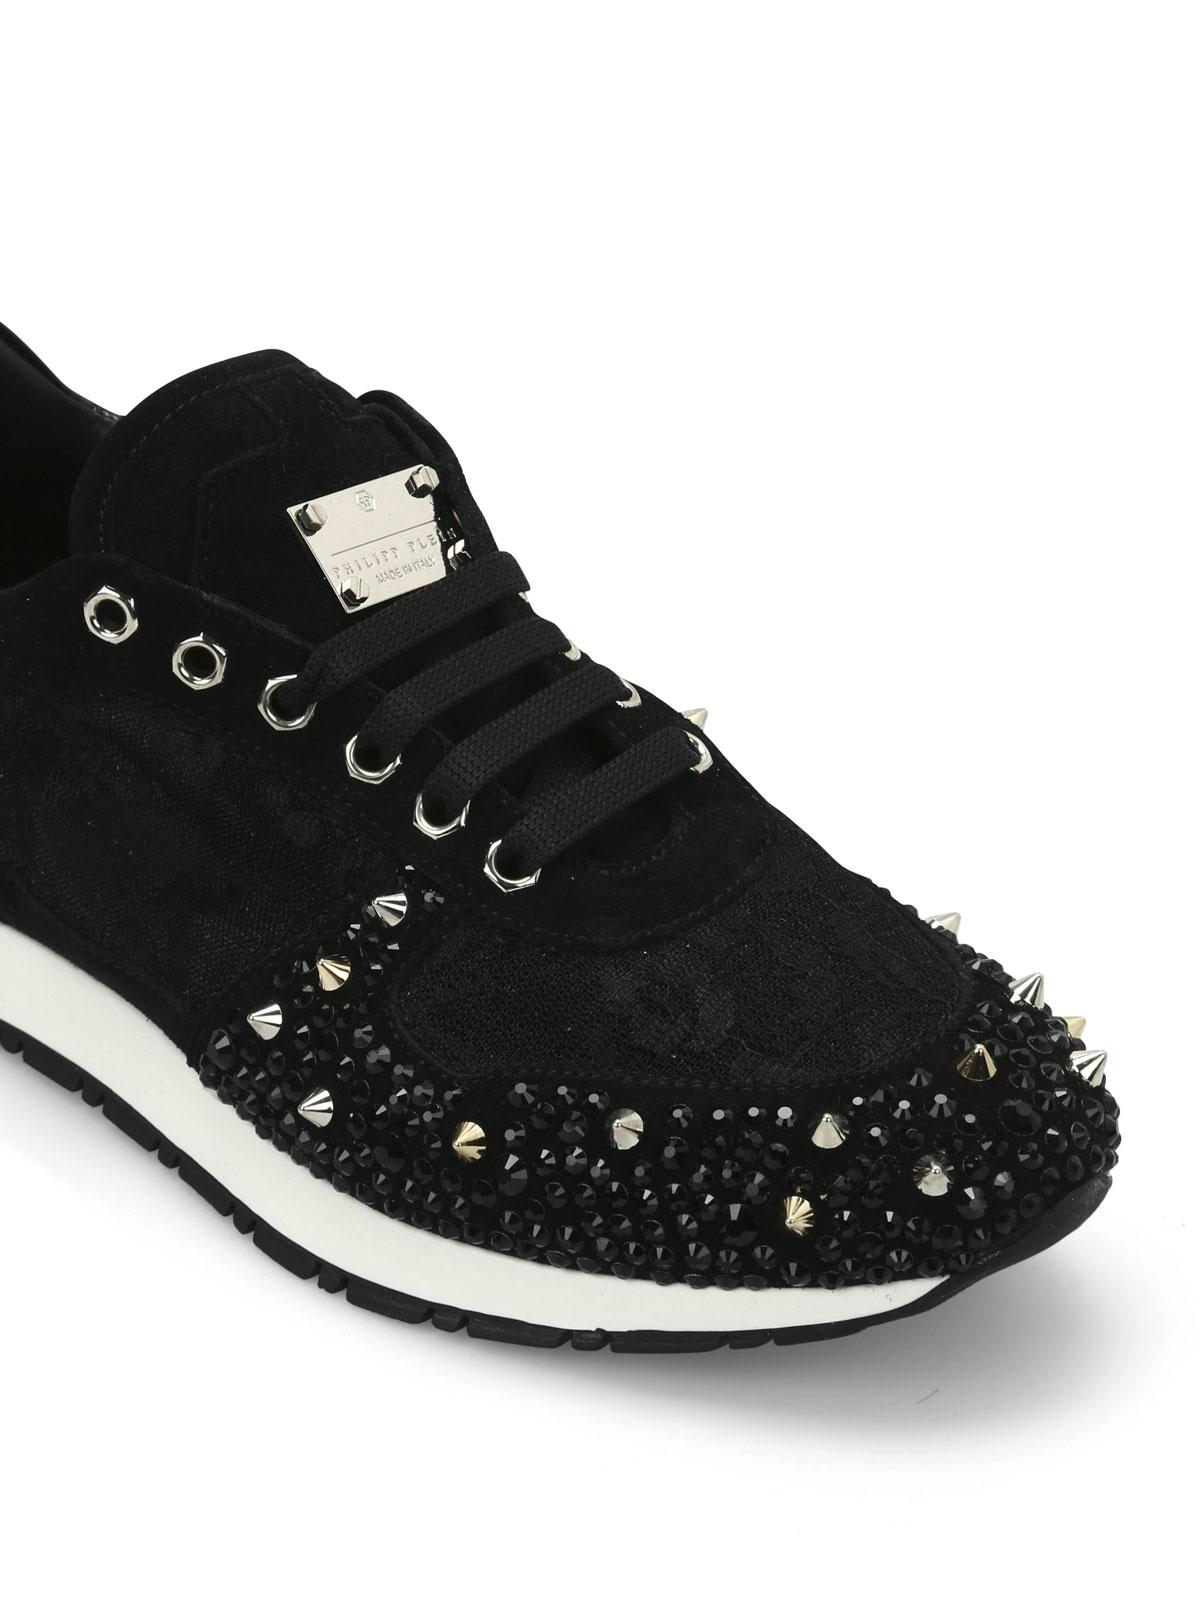 Bestellen Philipp Plein Damen Sneaker Deutschland, Kaufen